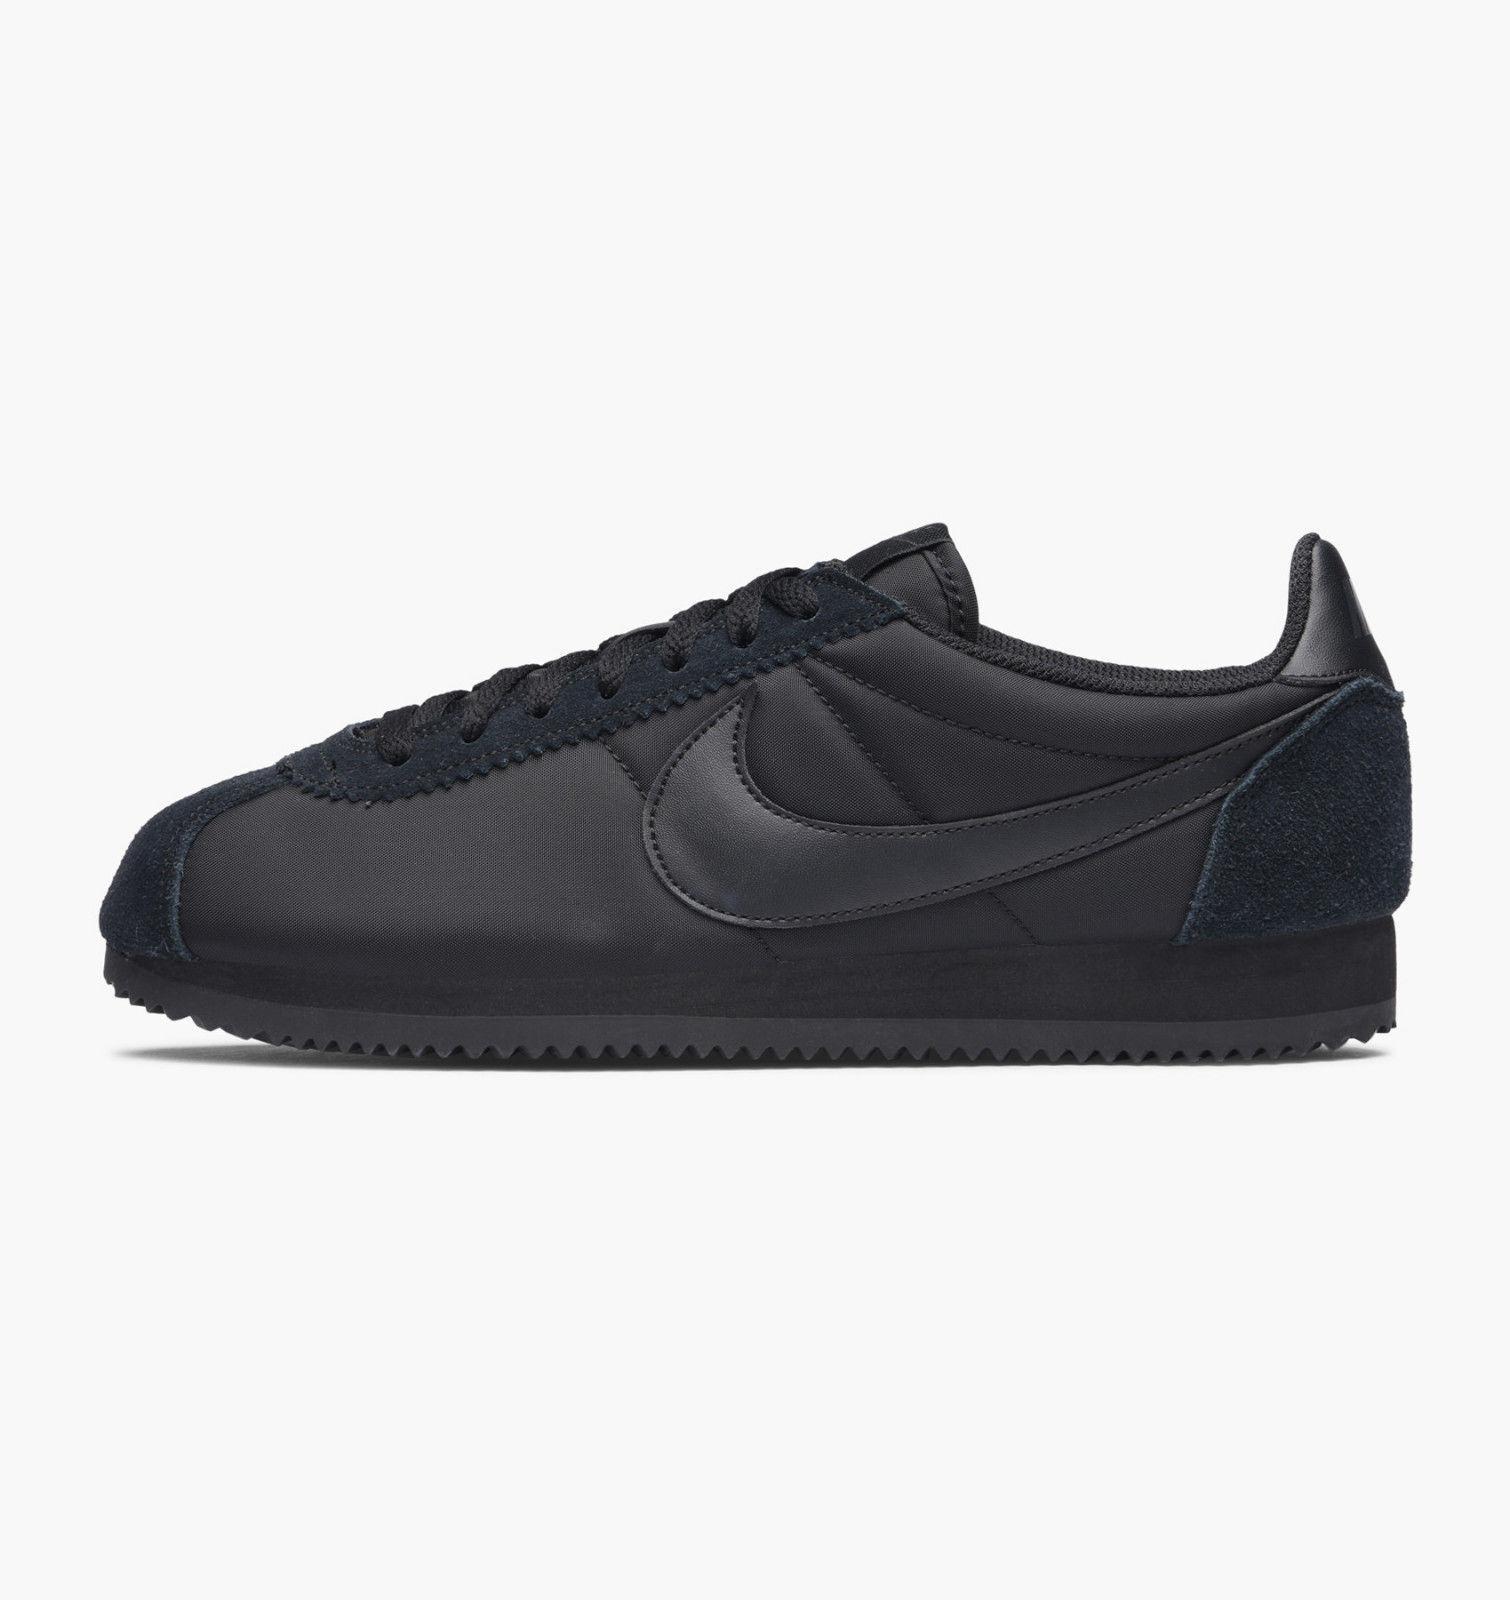 Nike Classique Cortez Nylon Baskets negro 807472-007 Eu Eu Eu 11 Eu 46  ganancia cero